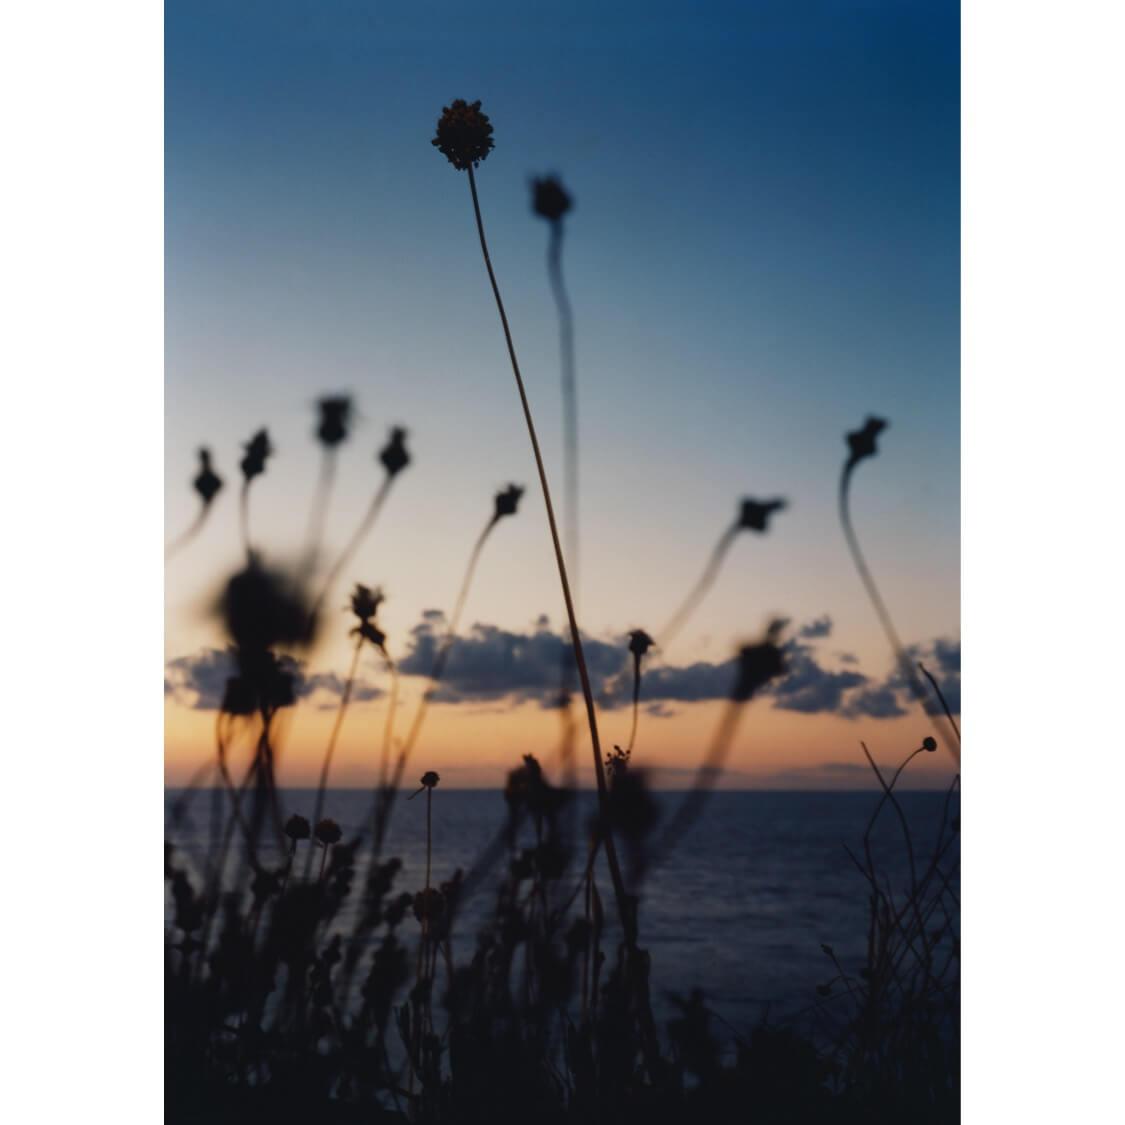 28260EFA A8E8 4323 B437 711057D80F1E - Sea Foliage by Ben Stockley